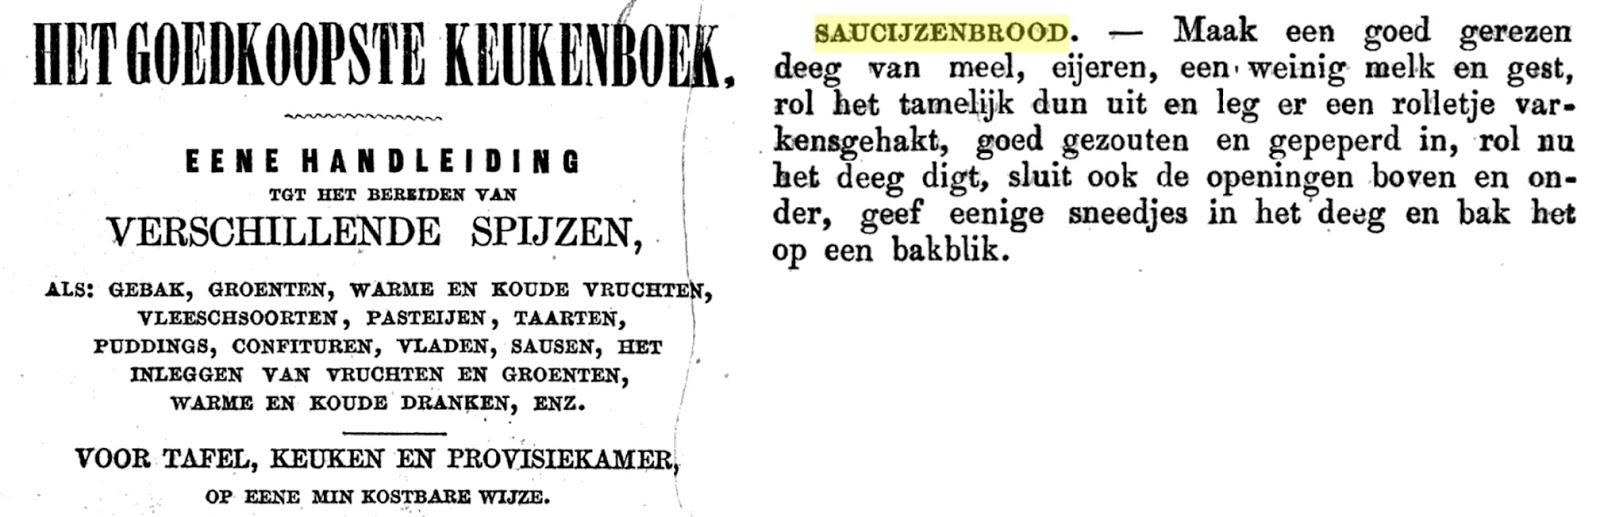 recept saucijzenbrood 1856 19e eeuw herkomst